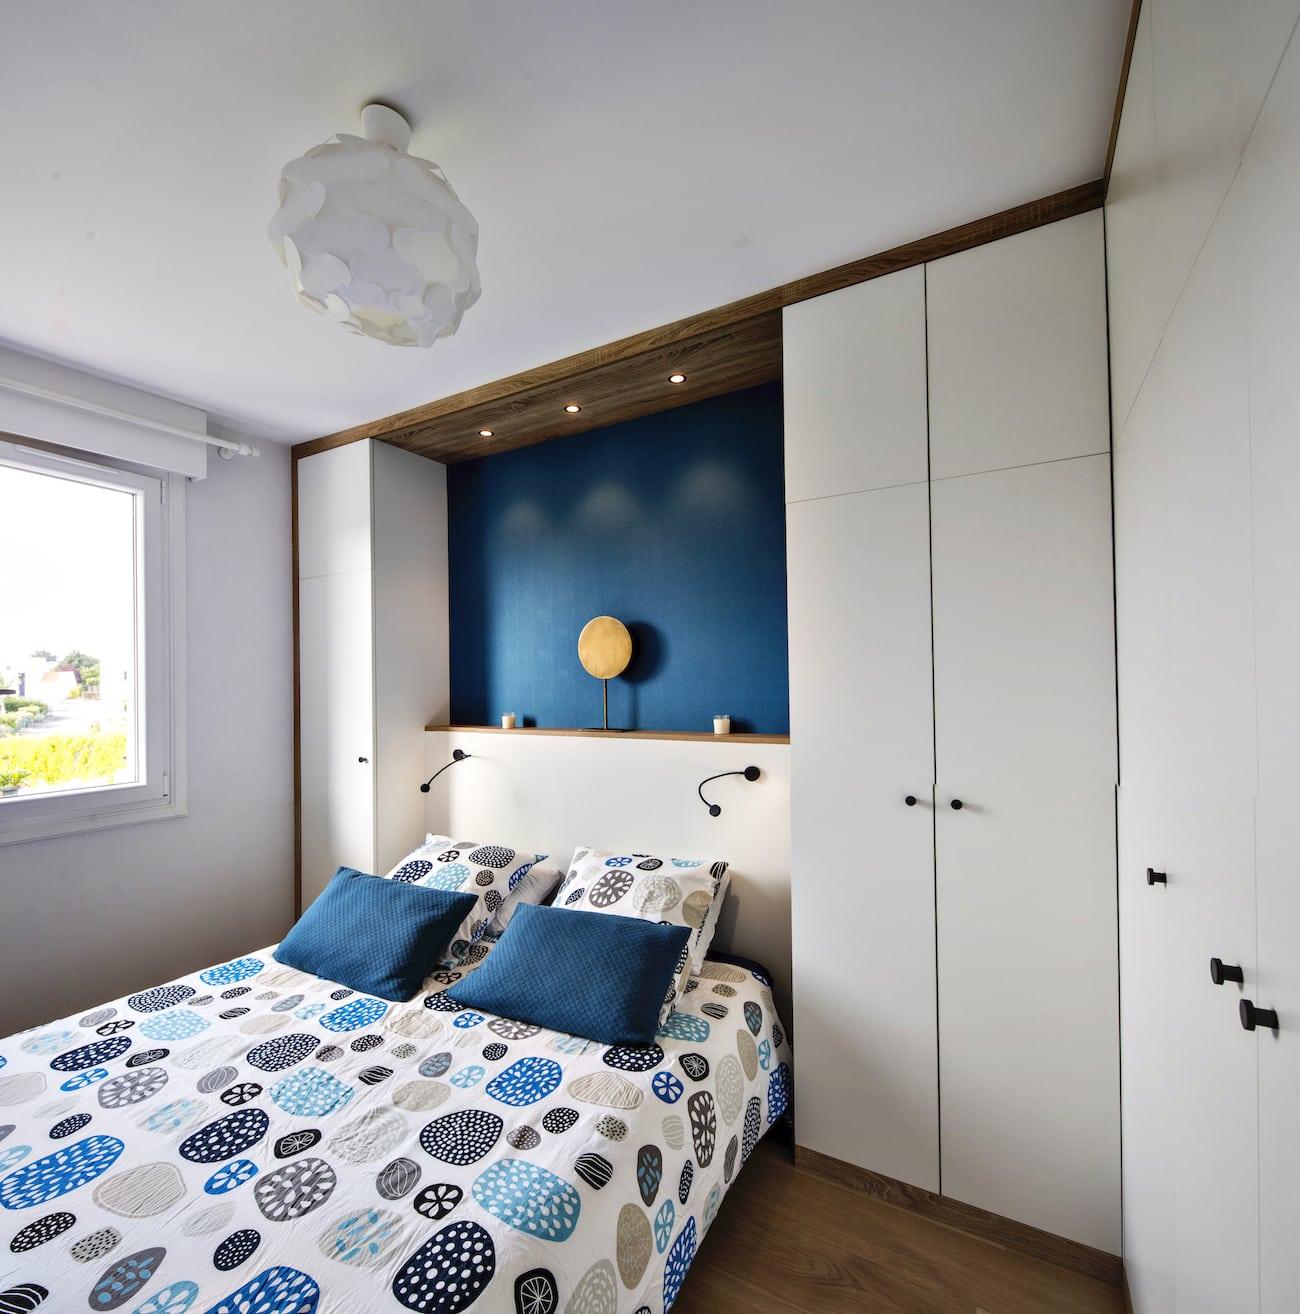 chambre avec placards et dressing sur-mesure vue de l'autre côté avec éclairage